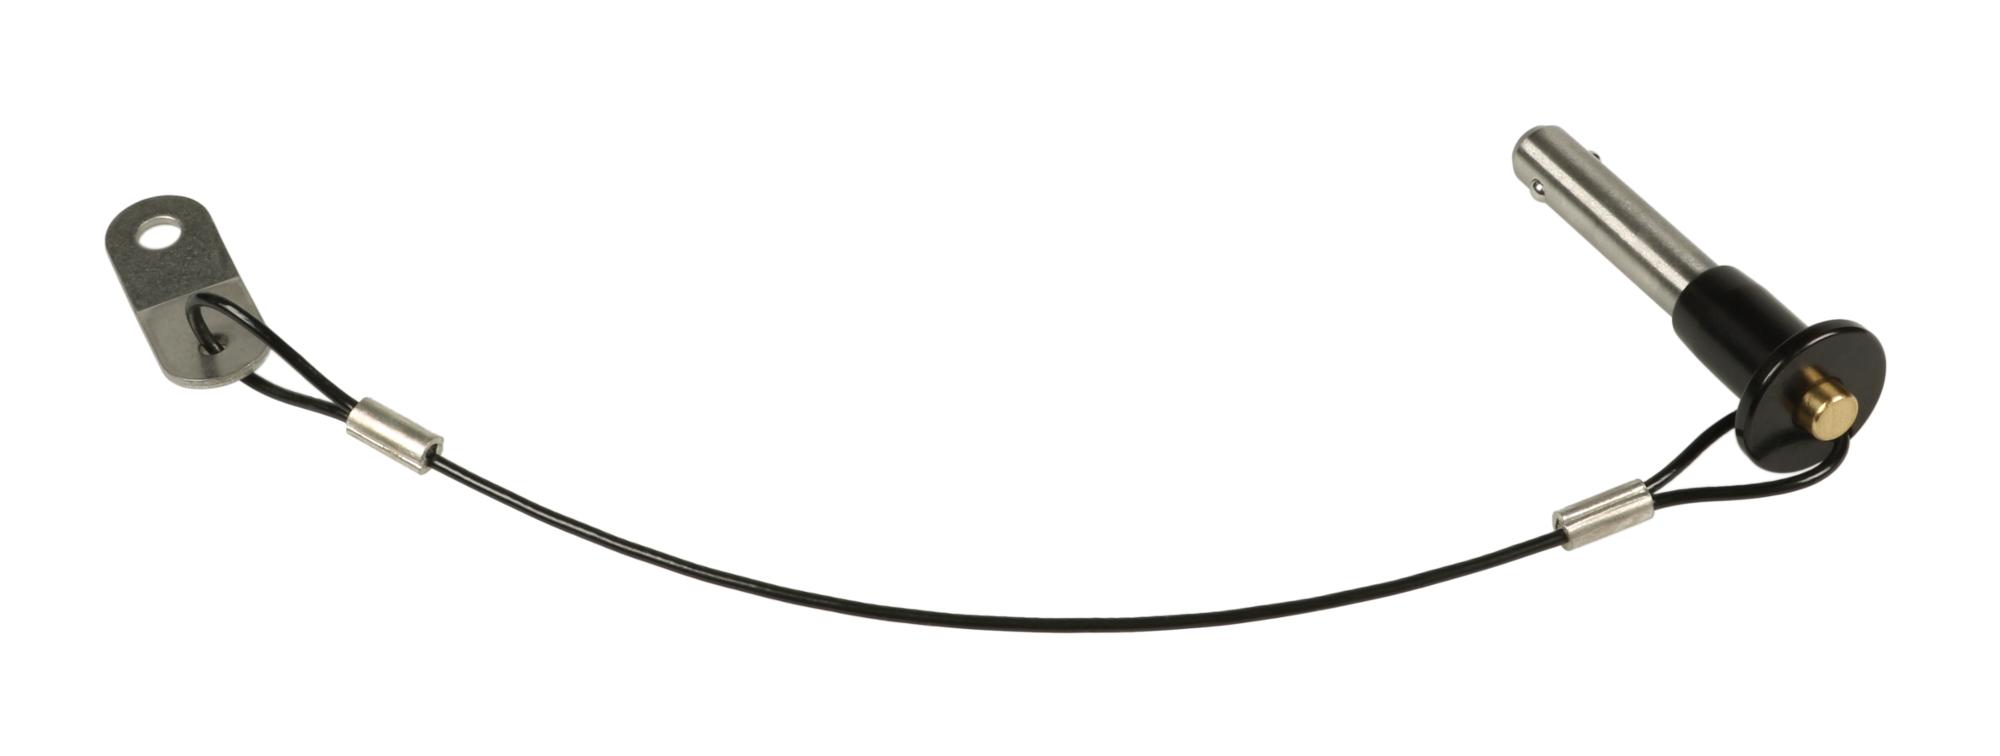 5/16X1 Rigging Pin Laynard for KLA AF12 (5-Pack)